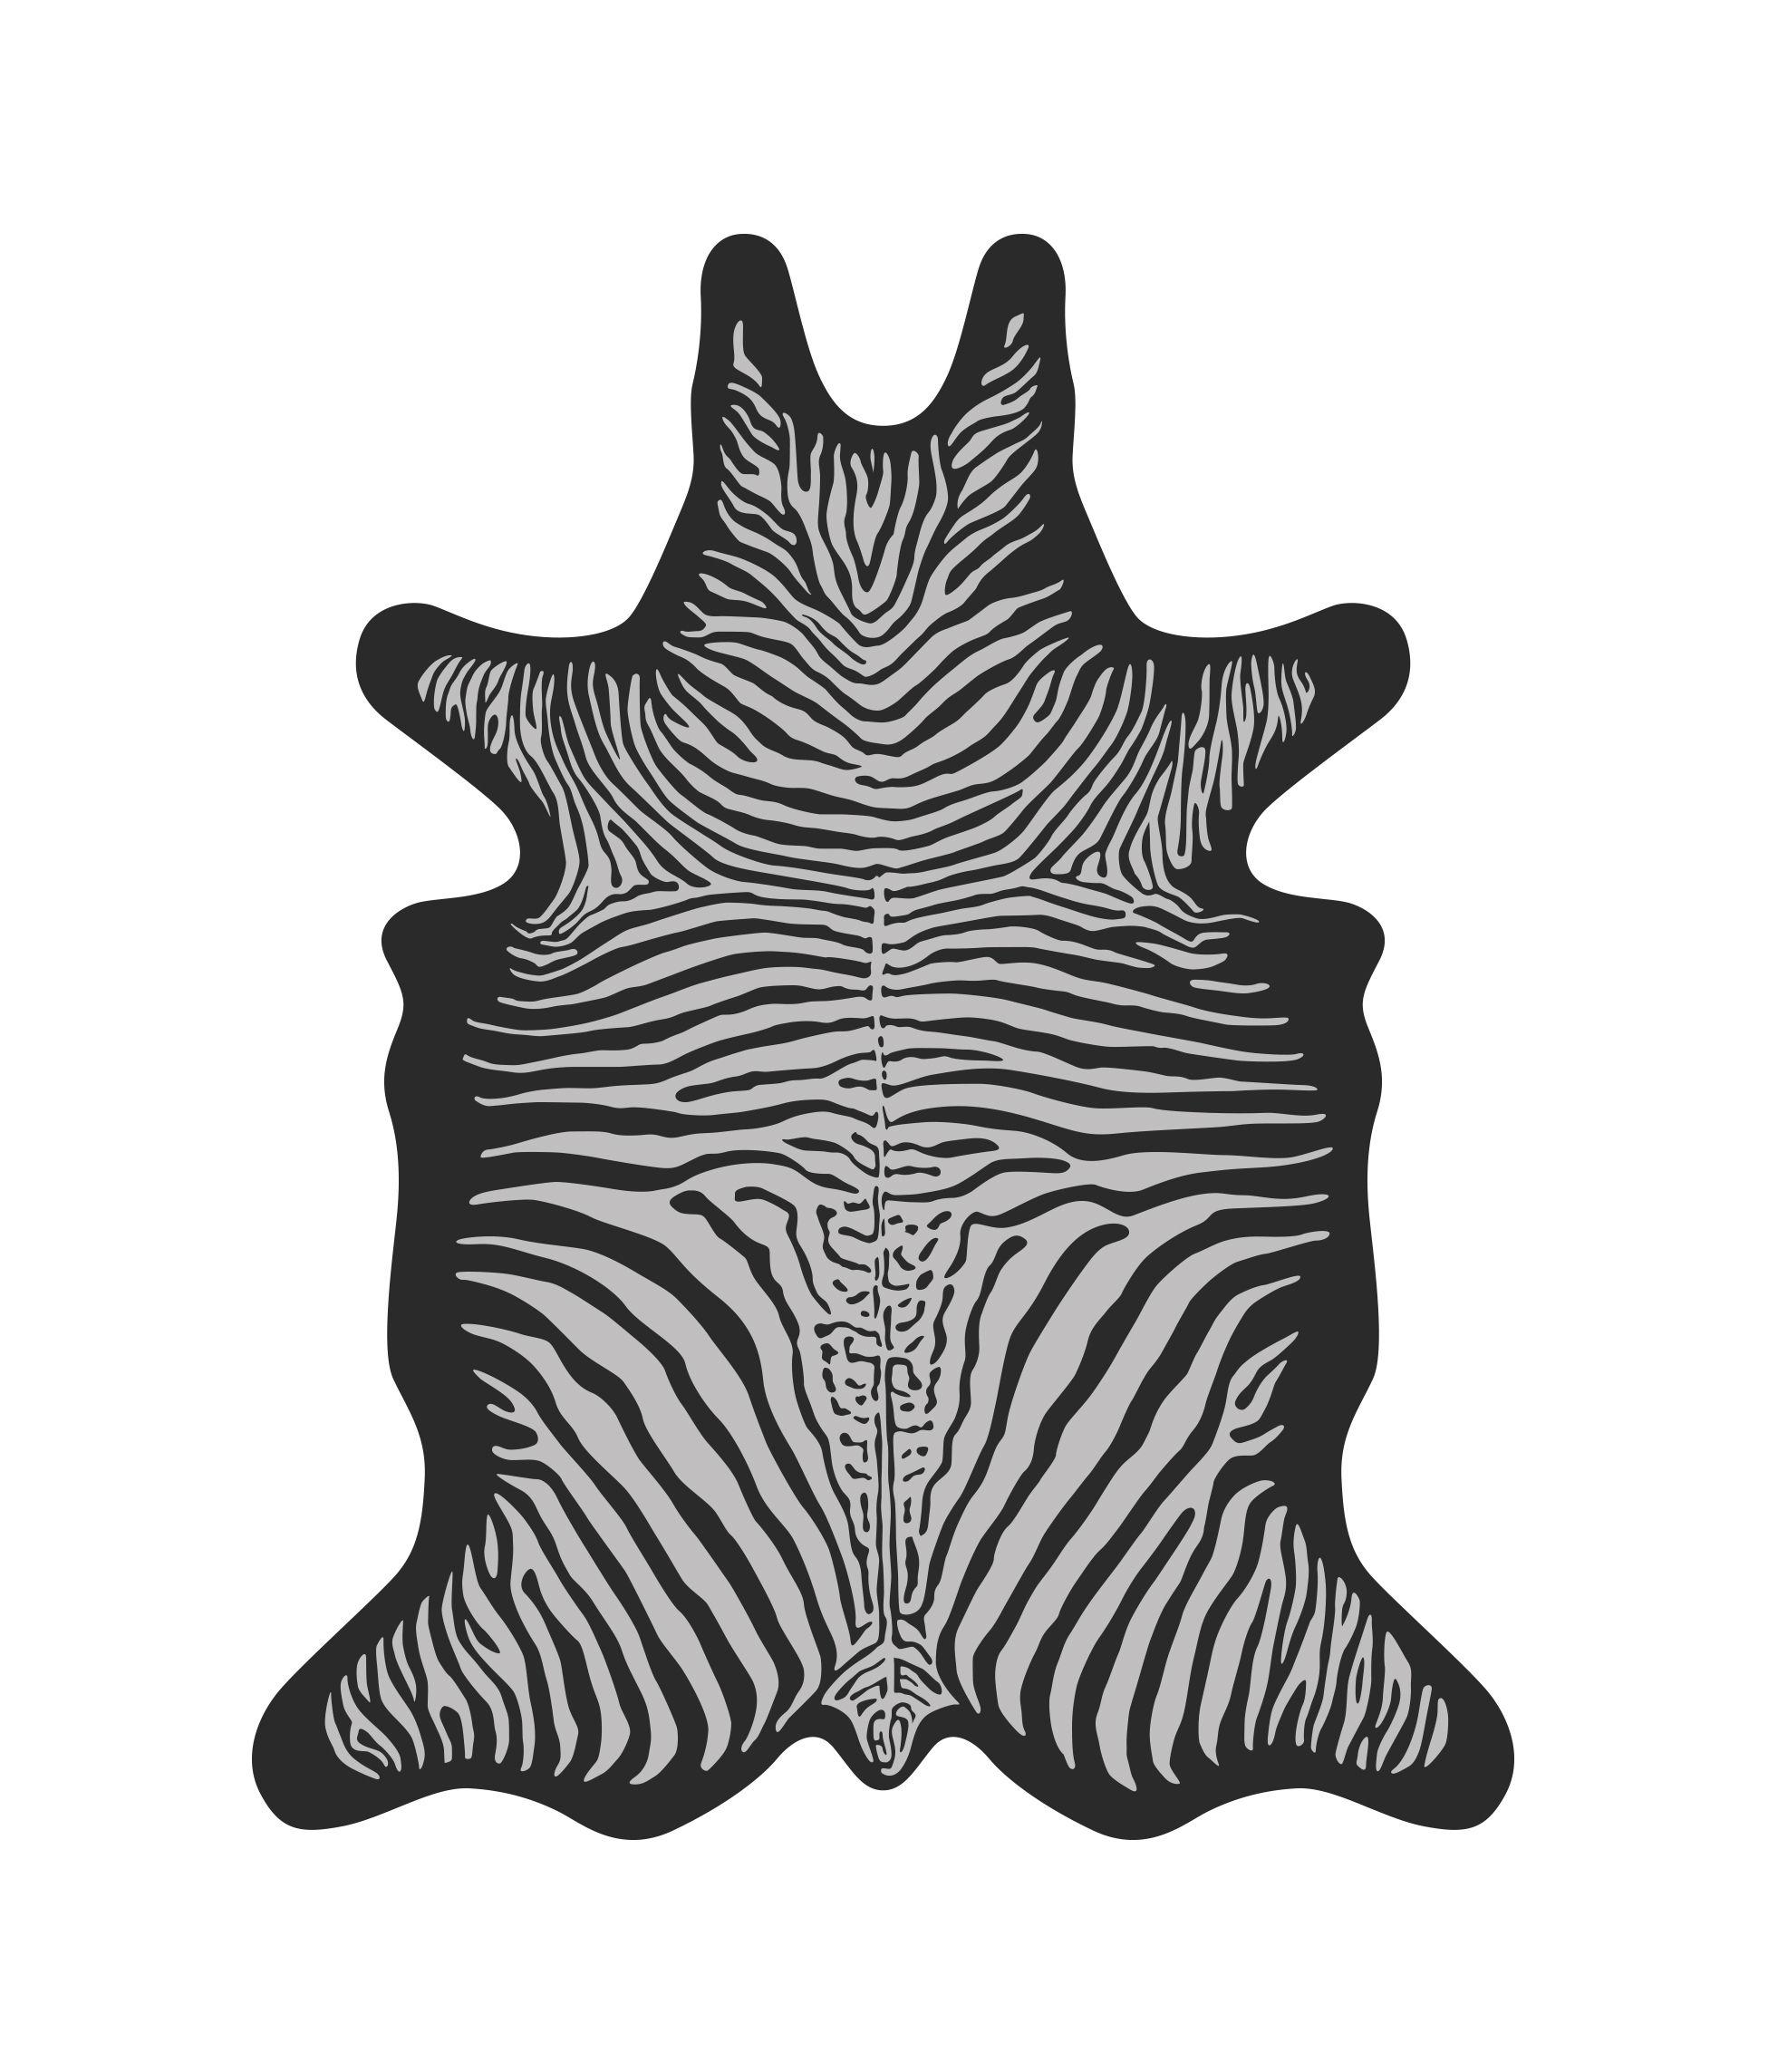 Outdoor - Déco et accessoires - Tapis Zèbre / 126 x 159 cm - Vinyle - PÔDEVACHE - Zèbre / Noir & blanc - Vinyle